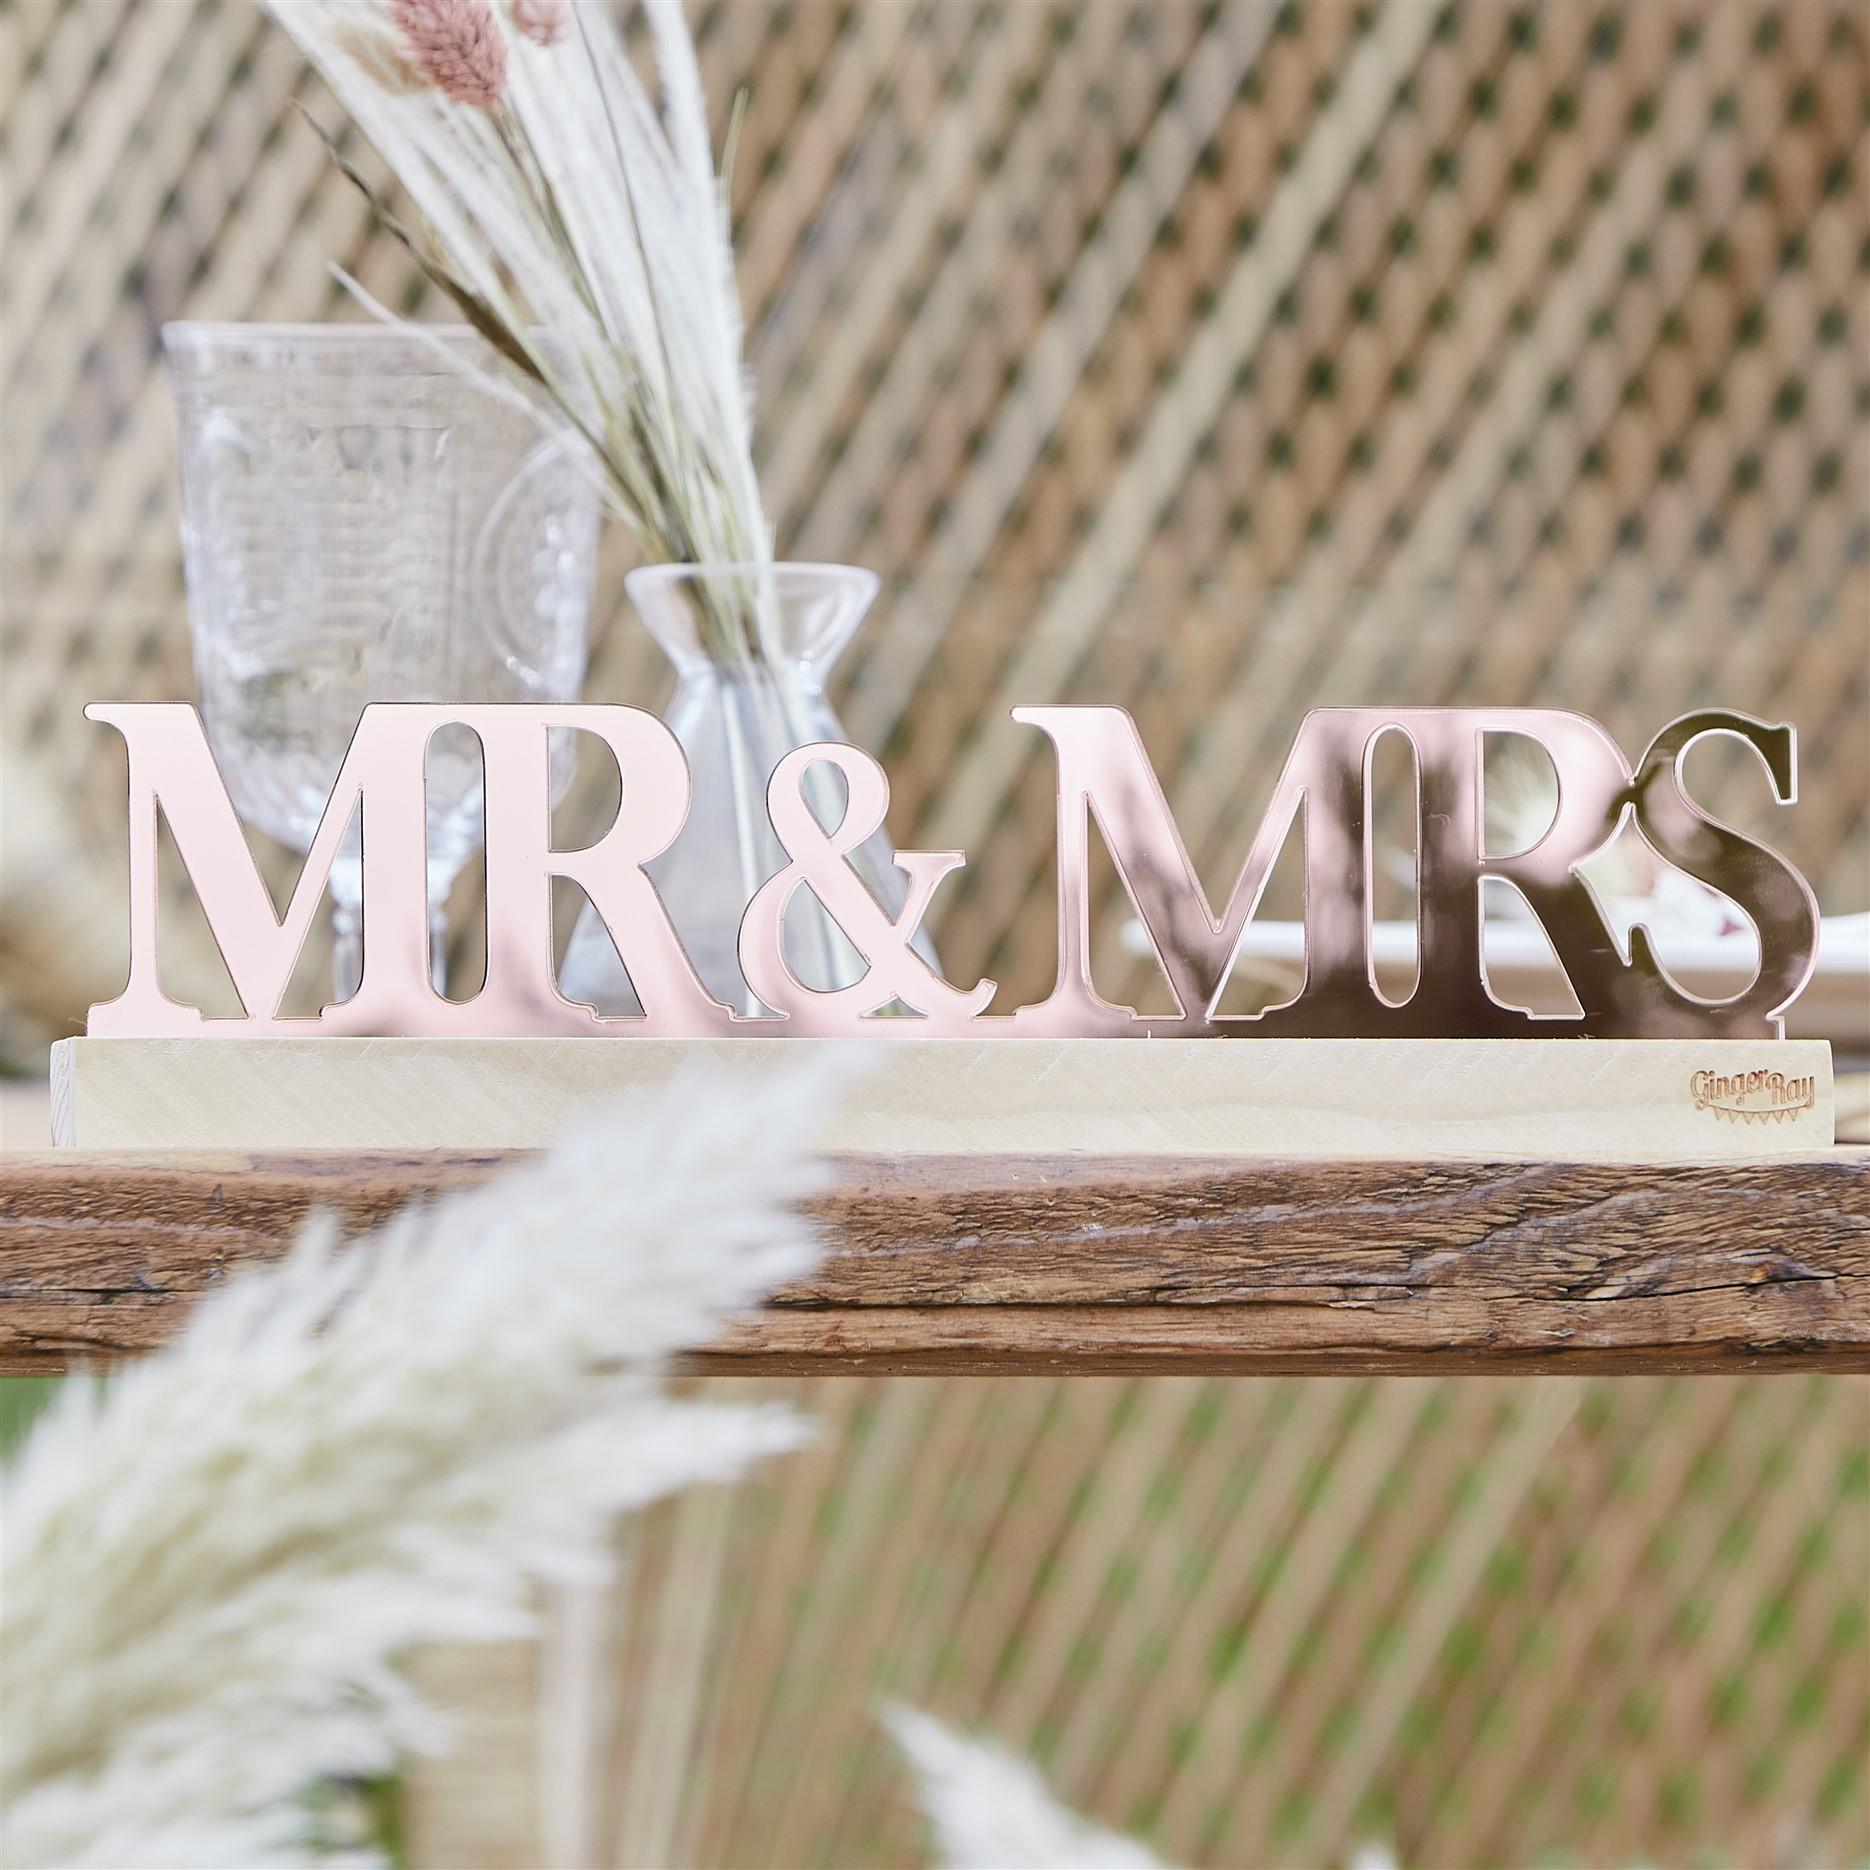 Ακρυλική Επιγραφή Mr & Mrs Ροζ Χρυσή σε Ξύλινη Βάση